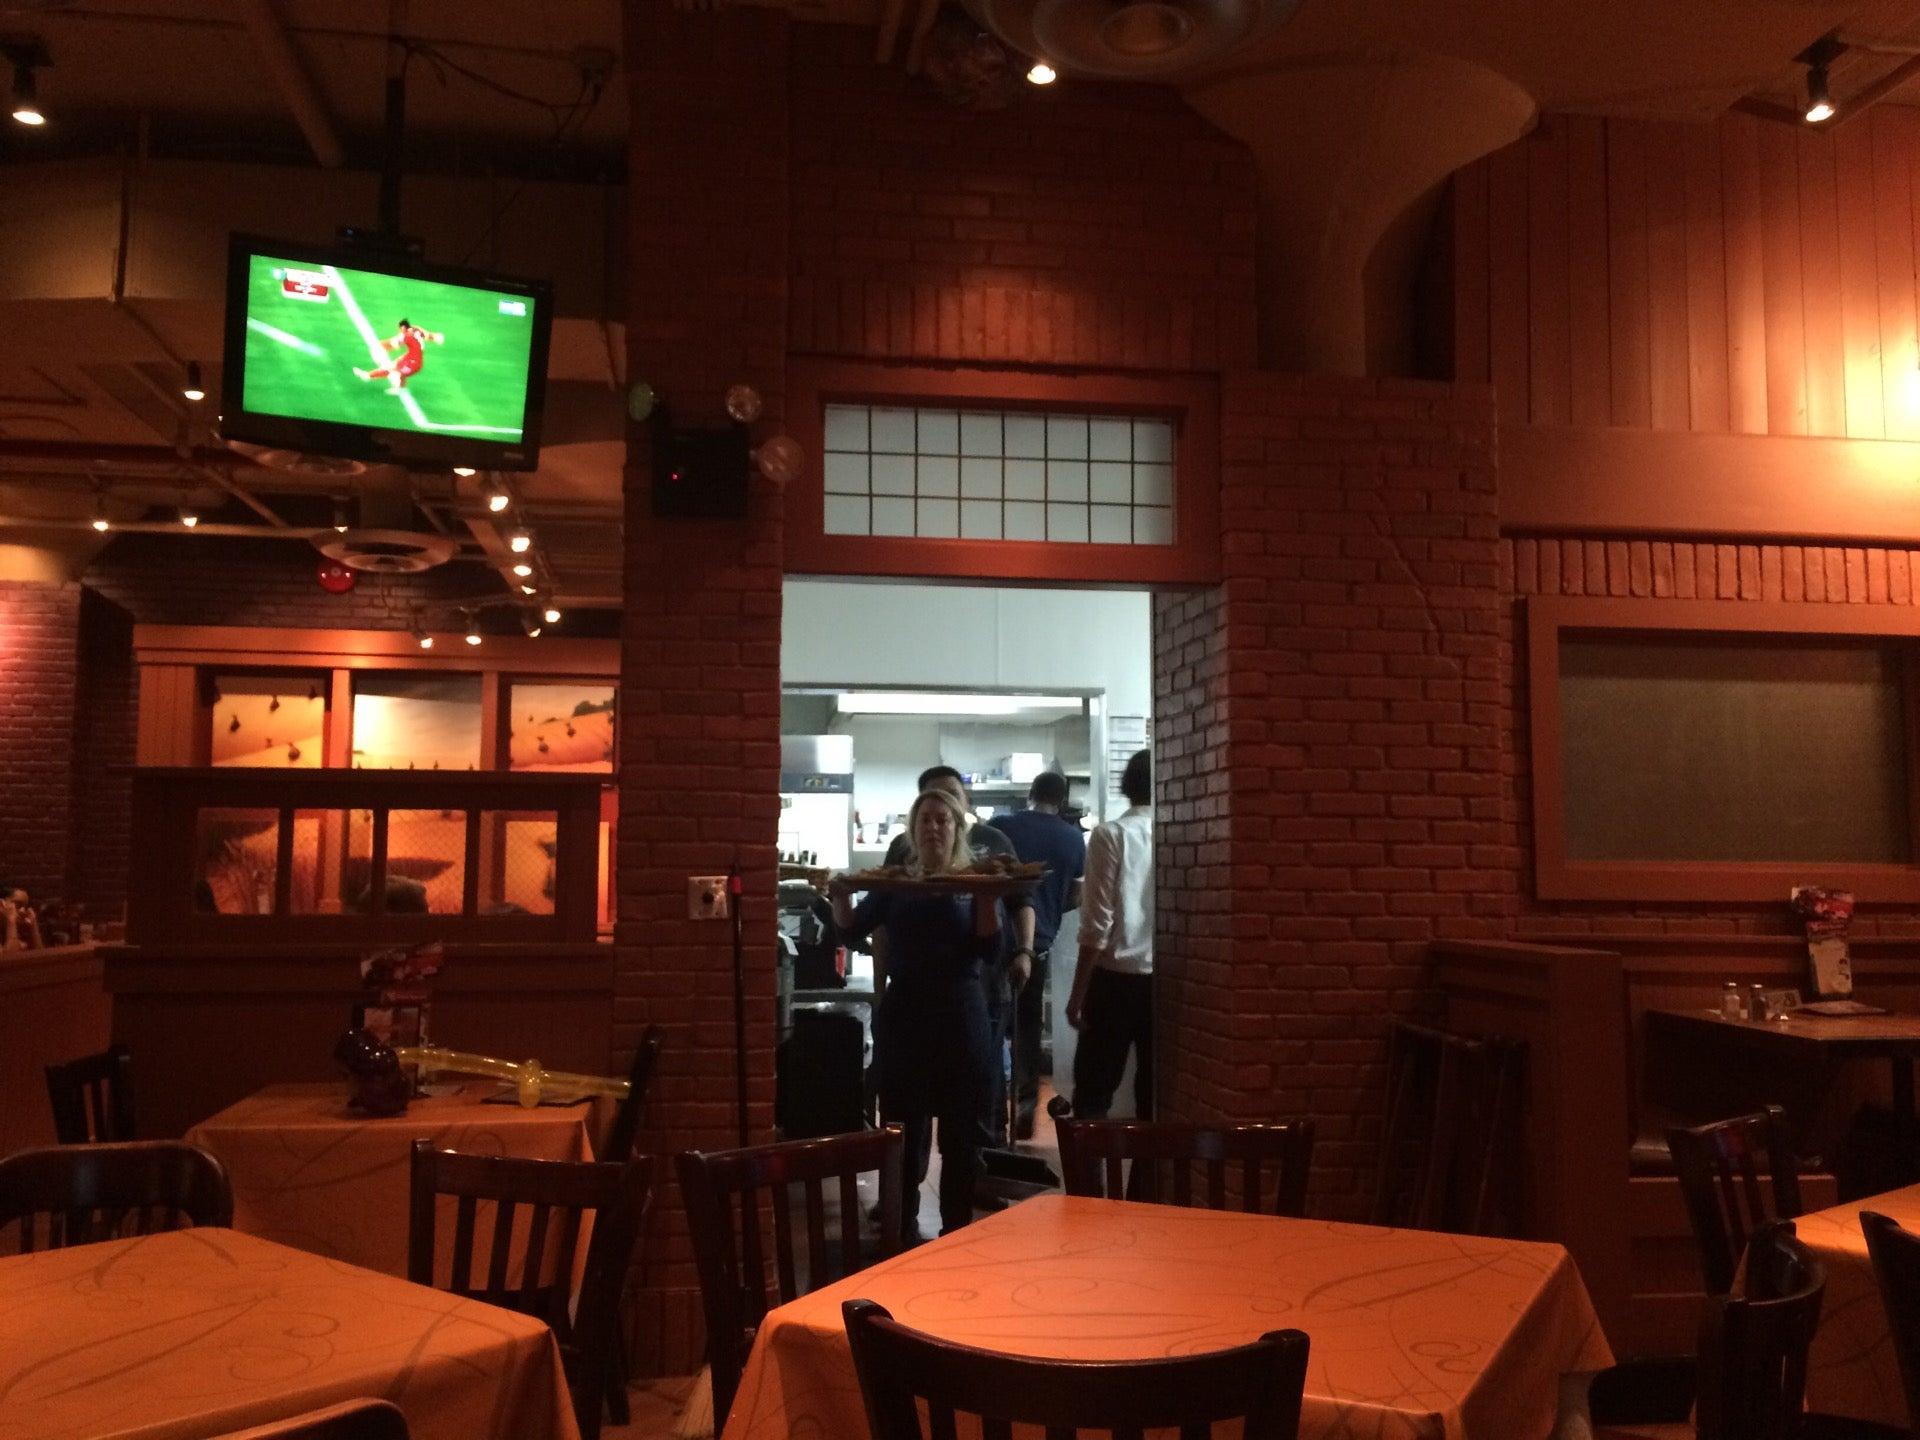 Uno Pizzeria & Grill,bar,deep dish,gluten free,multigrain,open late,pizza,snack hours